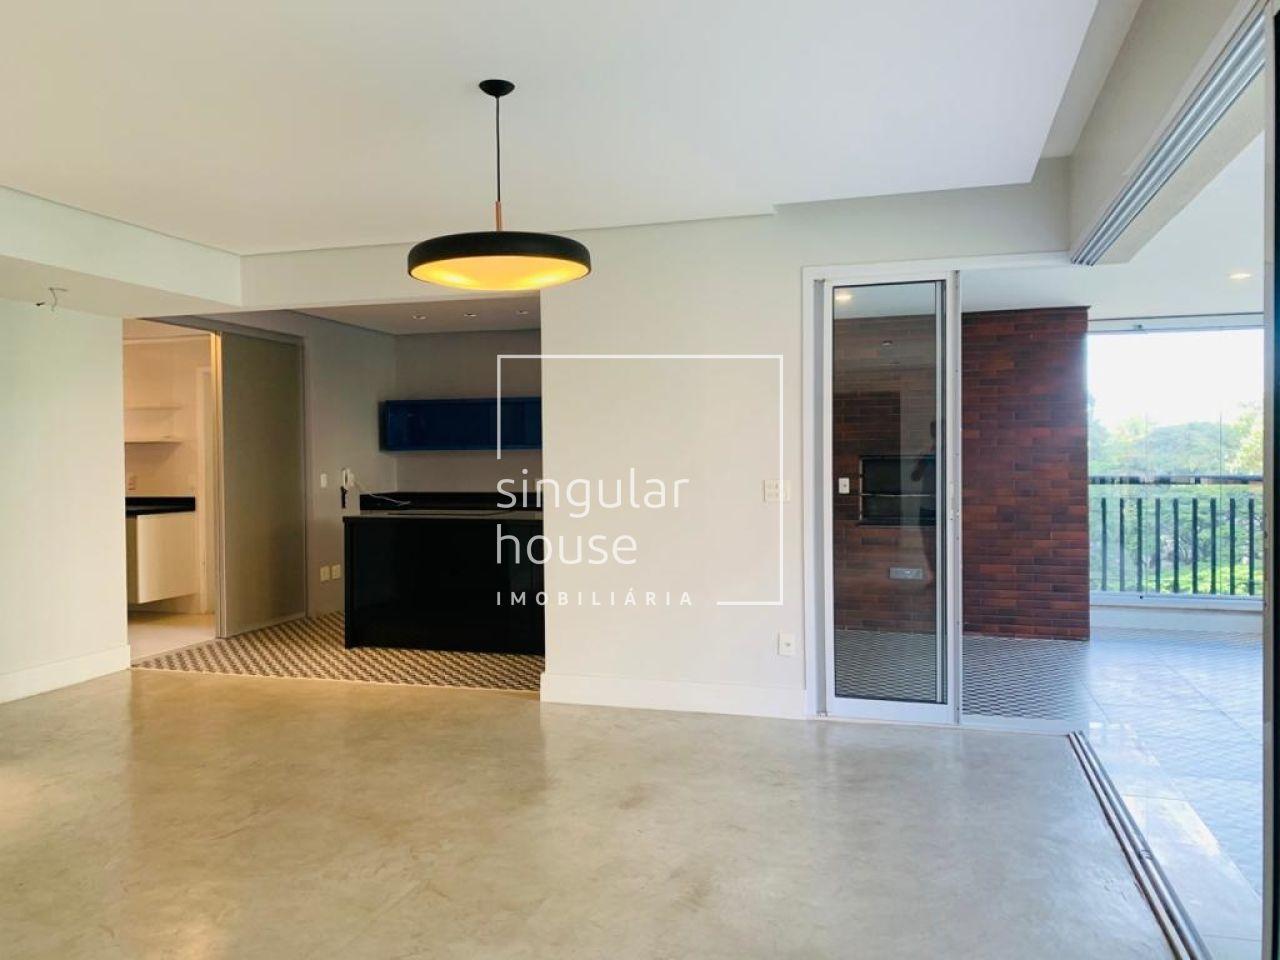 APTO ALTO PADRÃO 226M² | 2 SUÍTES | 4 VGS GARAGEM | LOCAÇÃO